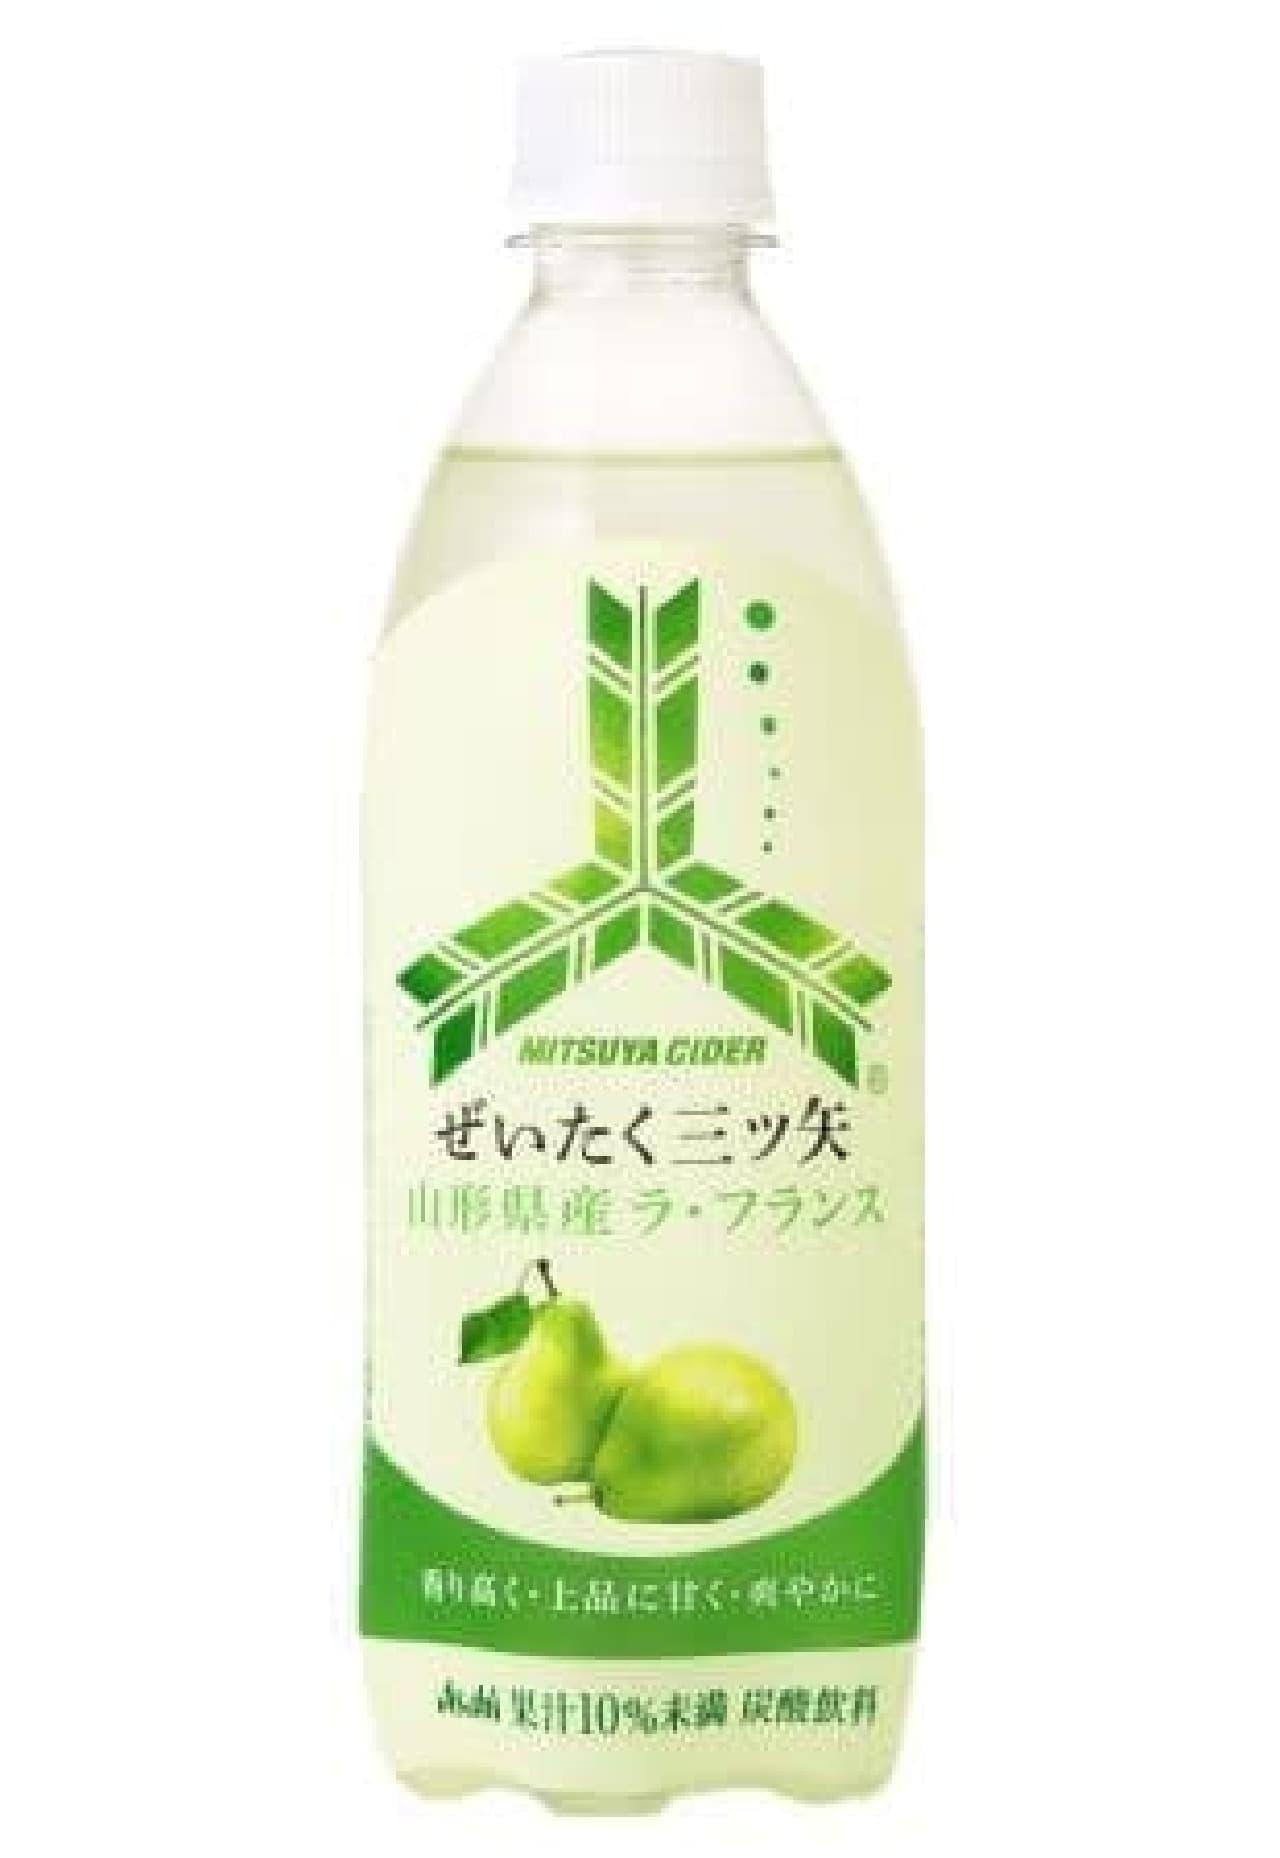 山形県産のラ・フランス果汁のみを使用!